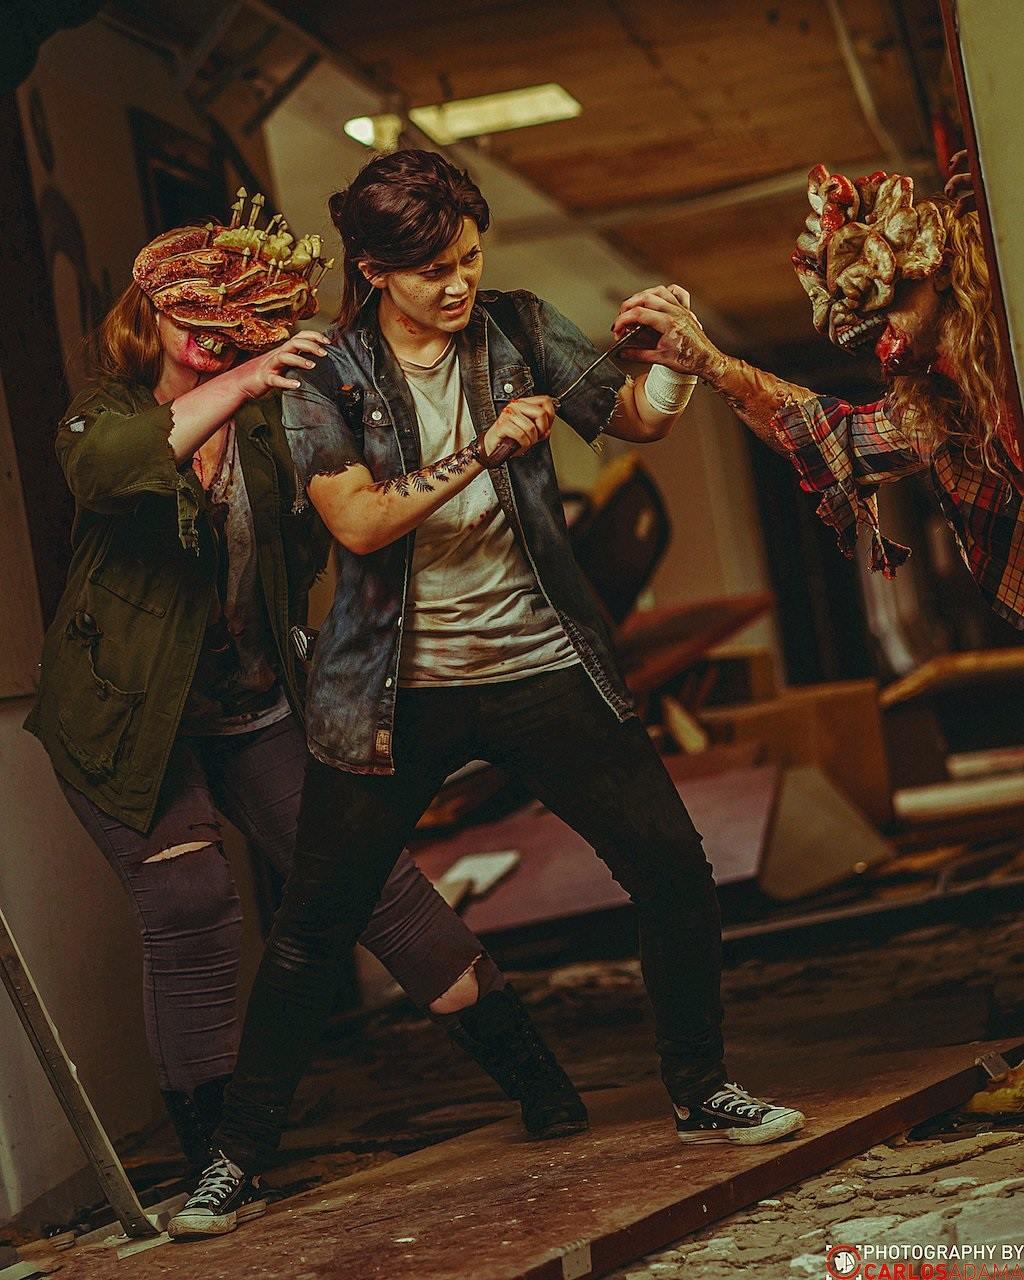 Cosplayer de Ellie enfrentando dois Clikers e reproduzindo uma cena de The Last of Us Part II.